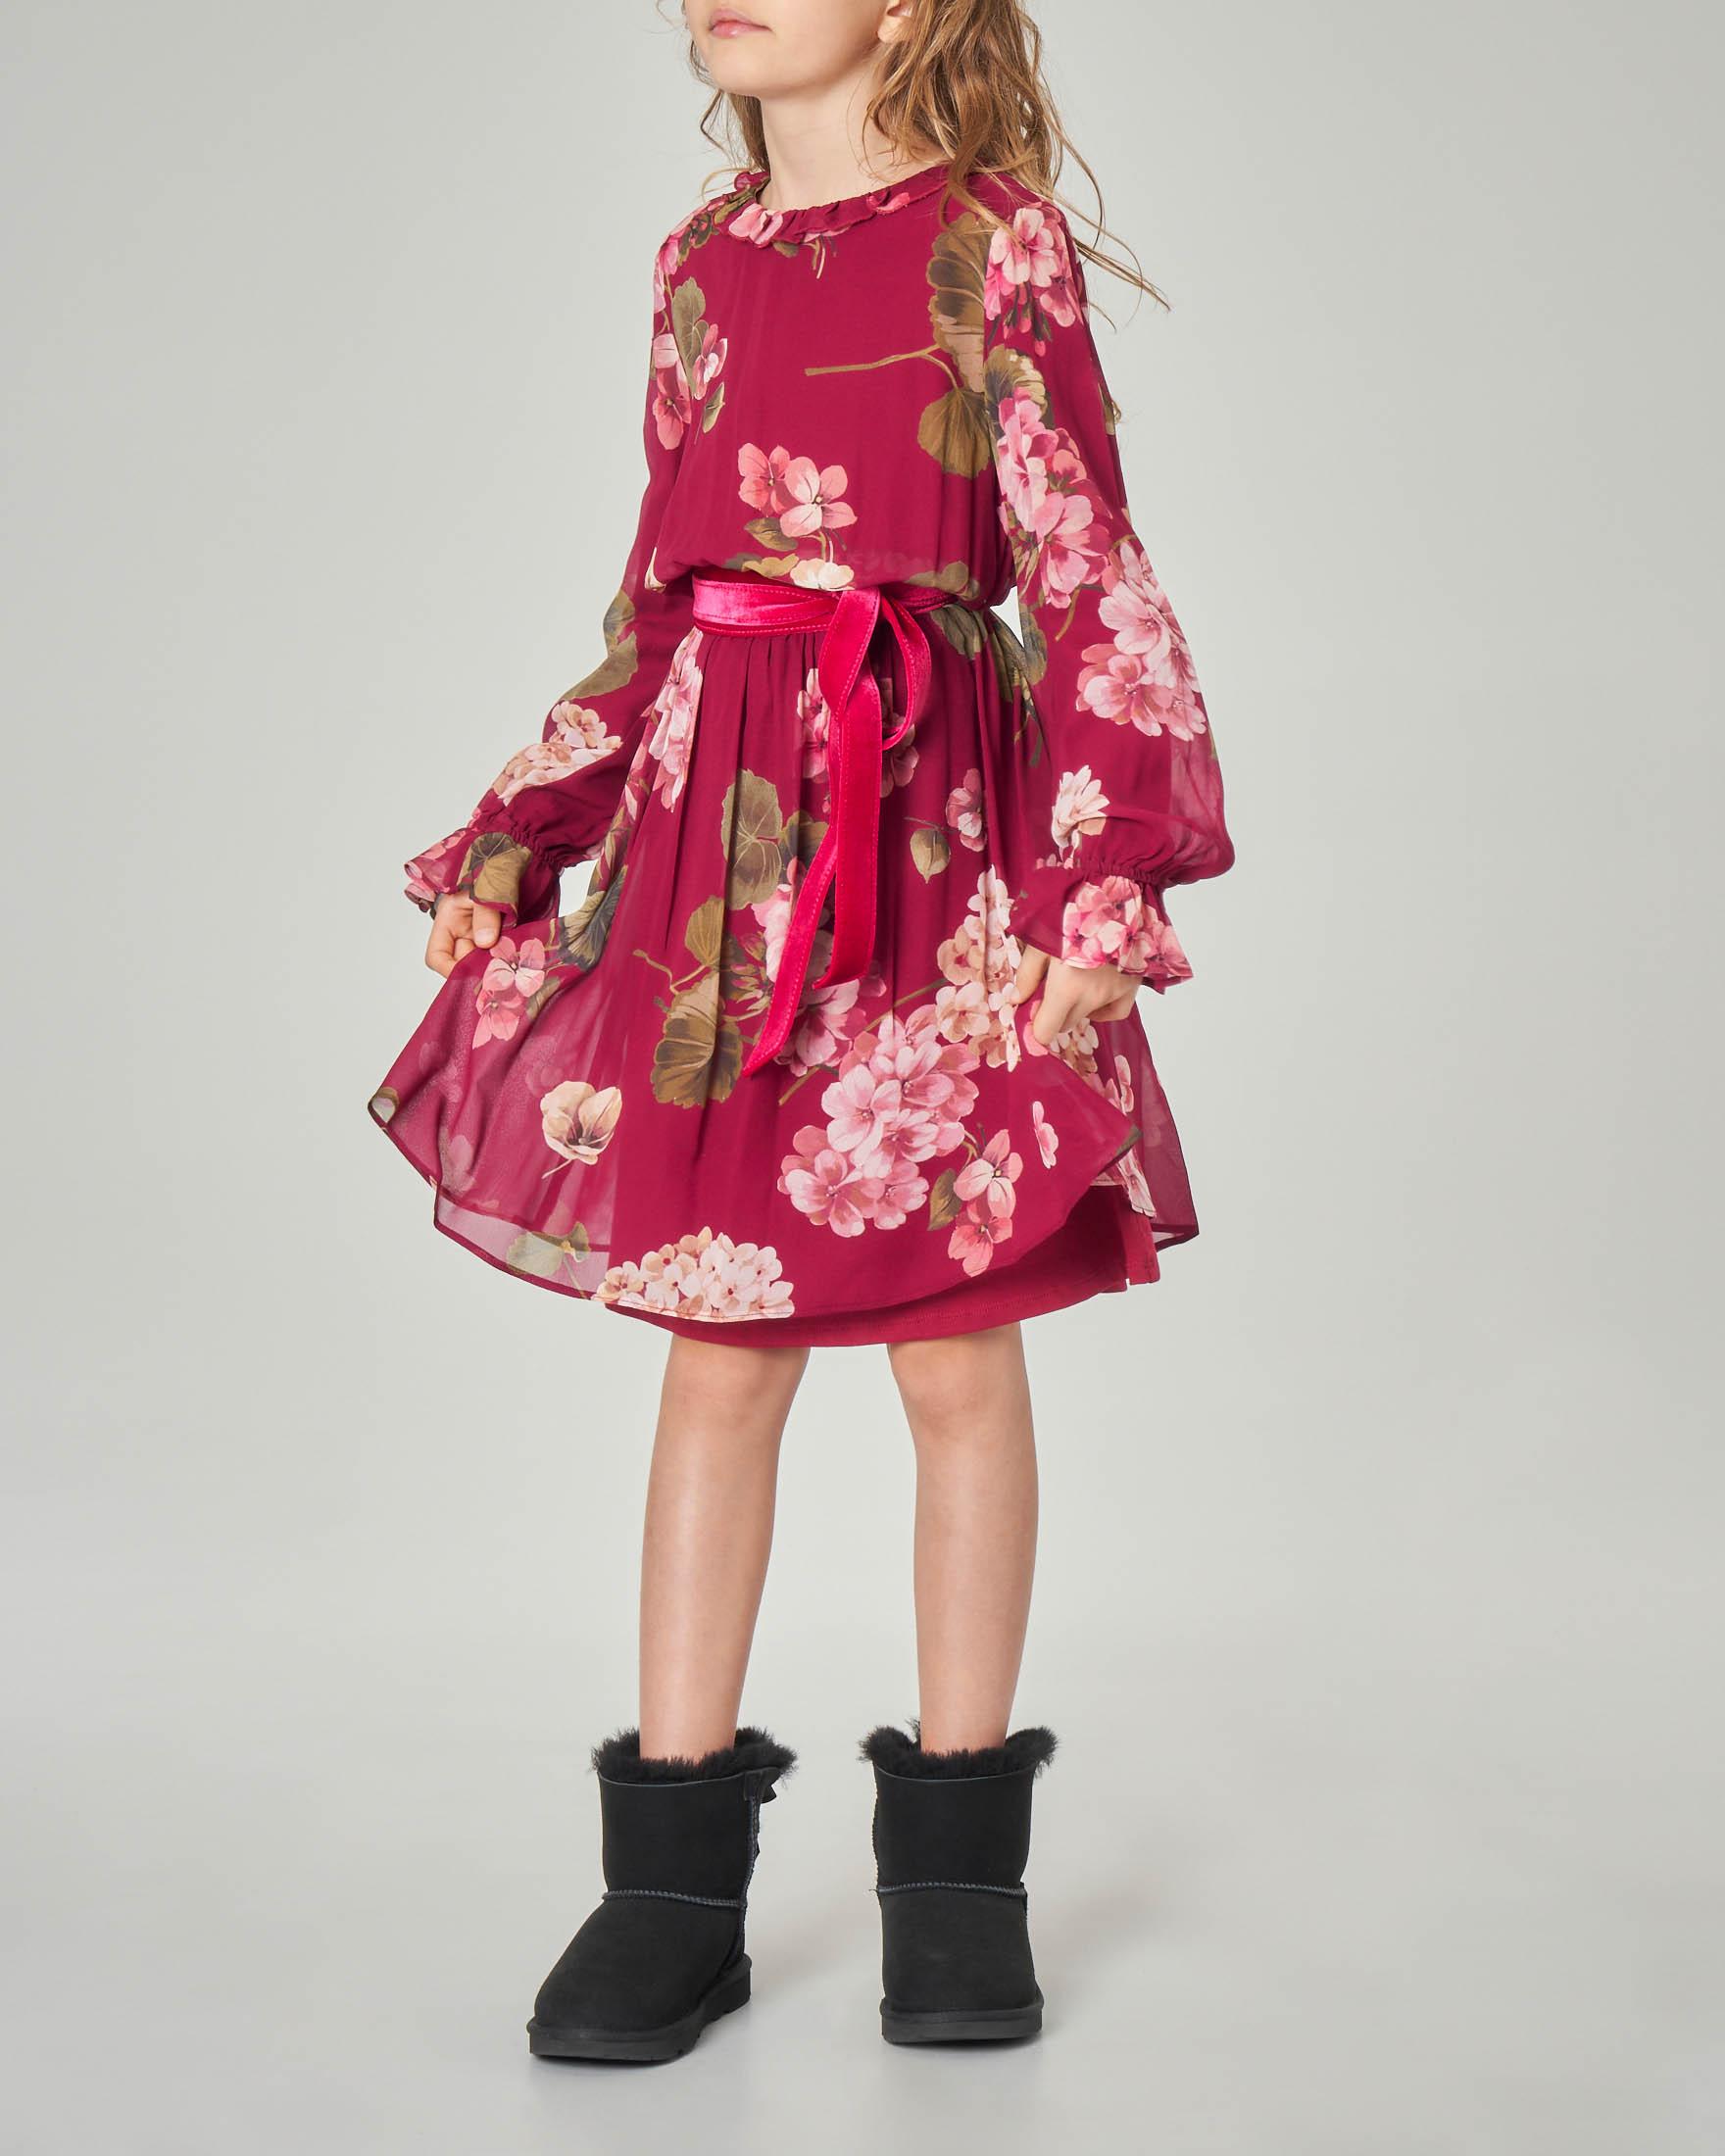 migliore selezione di ricco e magnifico vendita online Cintura rossa a fusciacca in tessuto effetto velluto | Pellizzari E-commerce